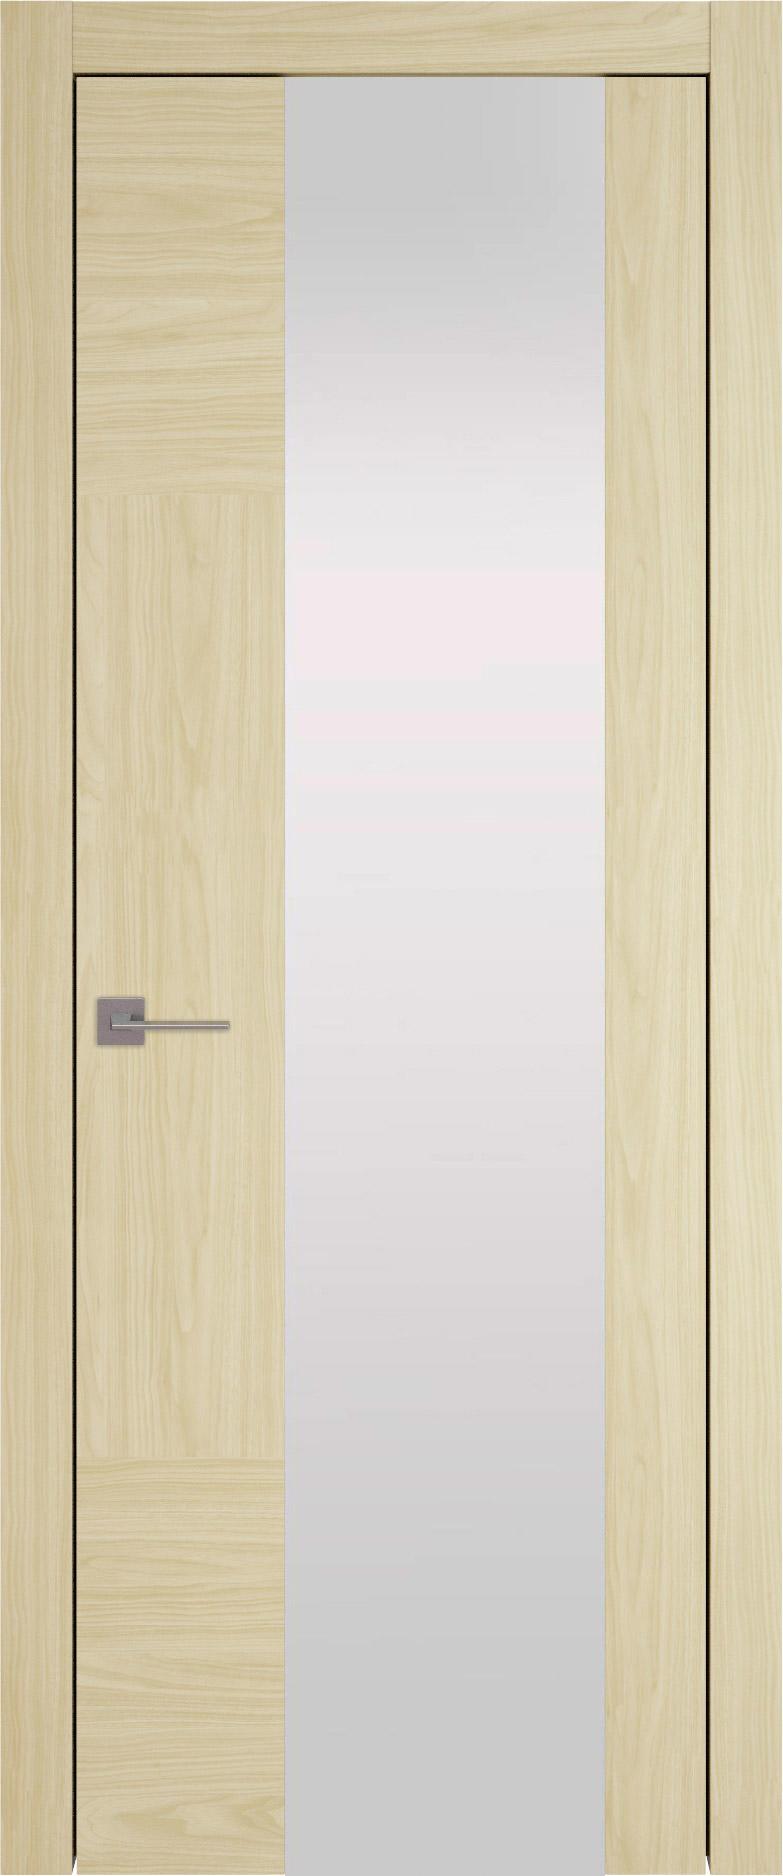 Tivoli Е-1 цвет - Дуб нордик Со стеклом (ДО)